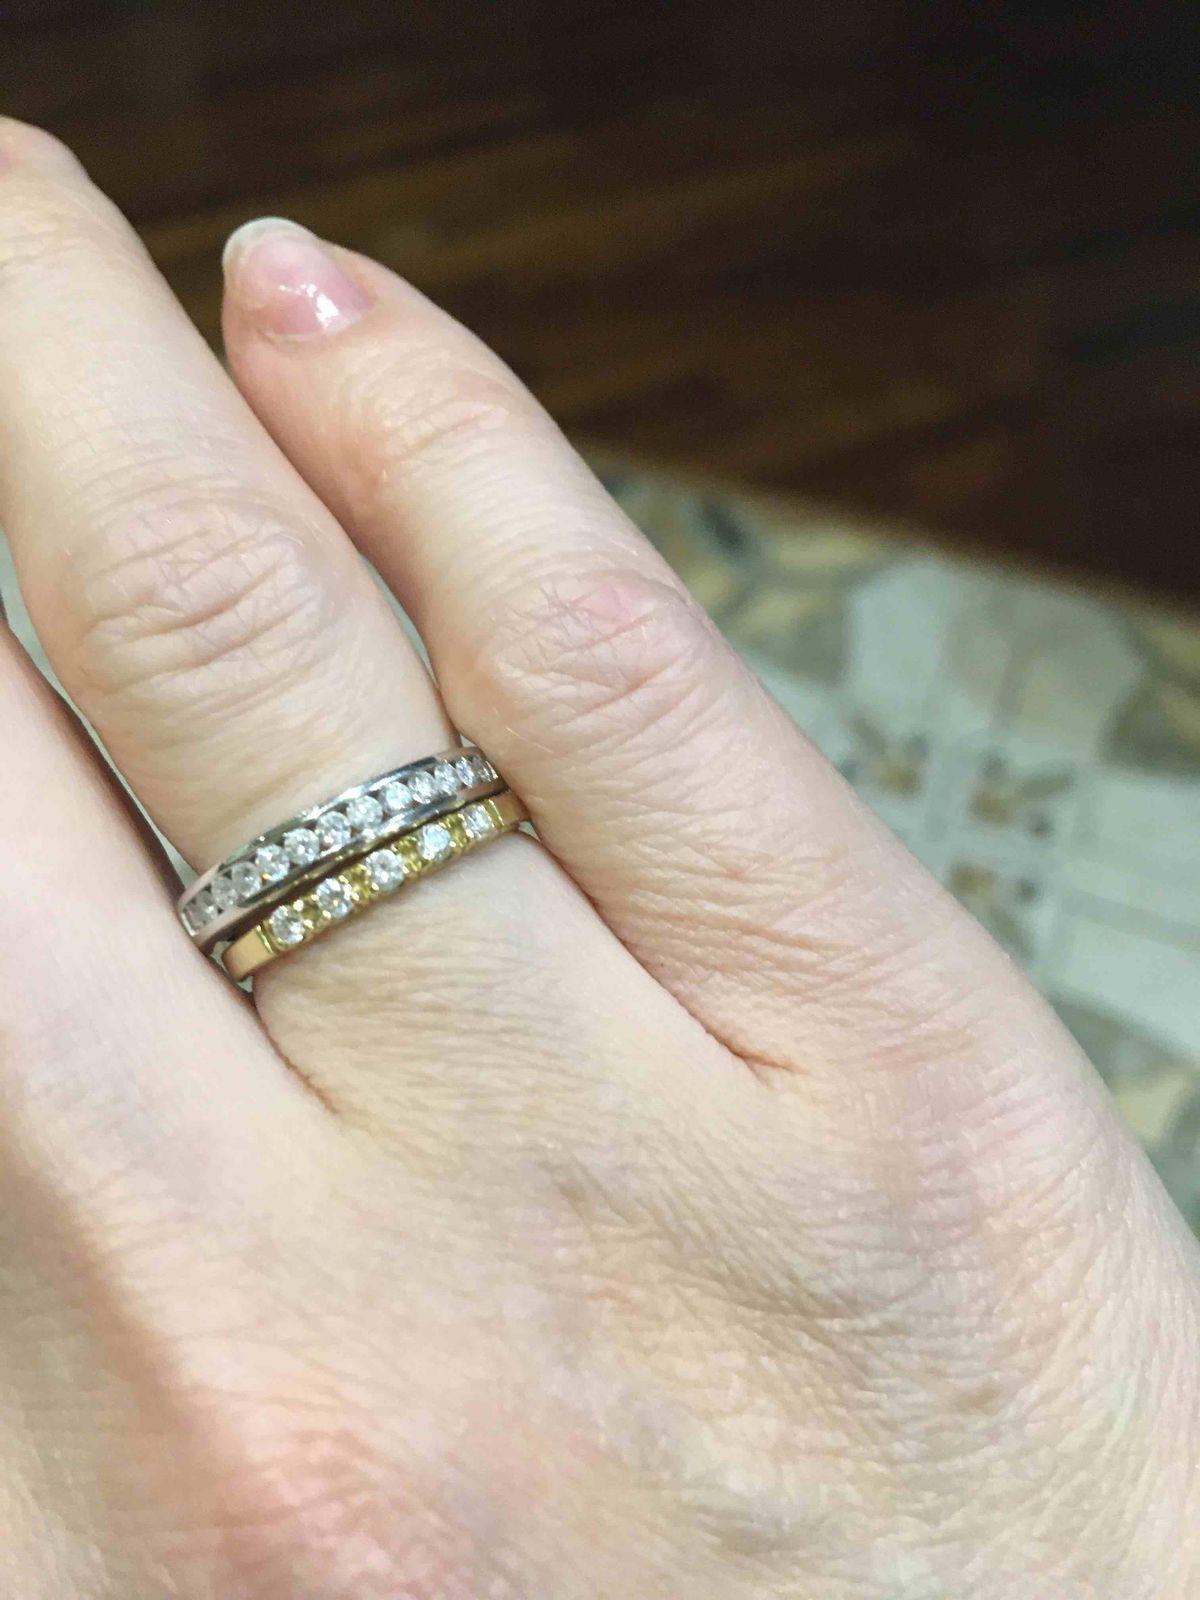 Замечательное кольцо по отличной цене